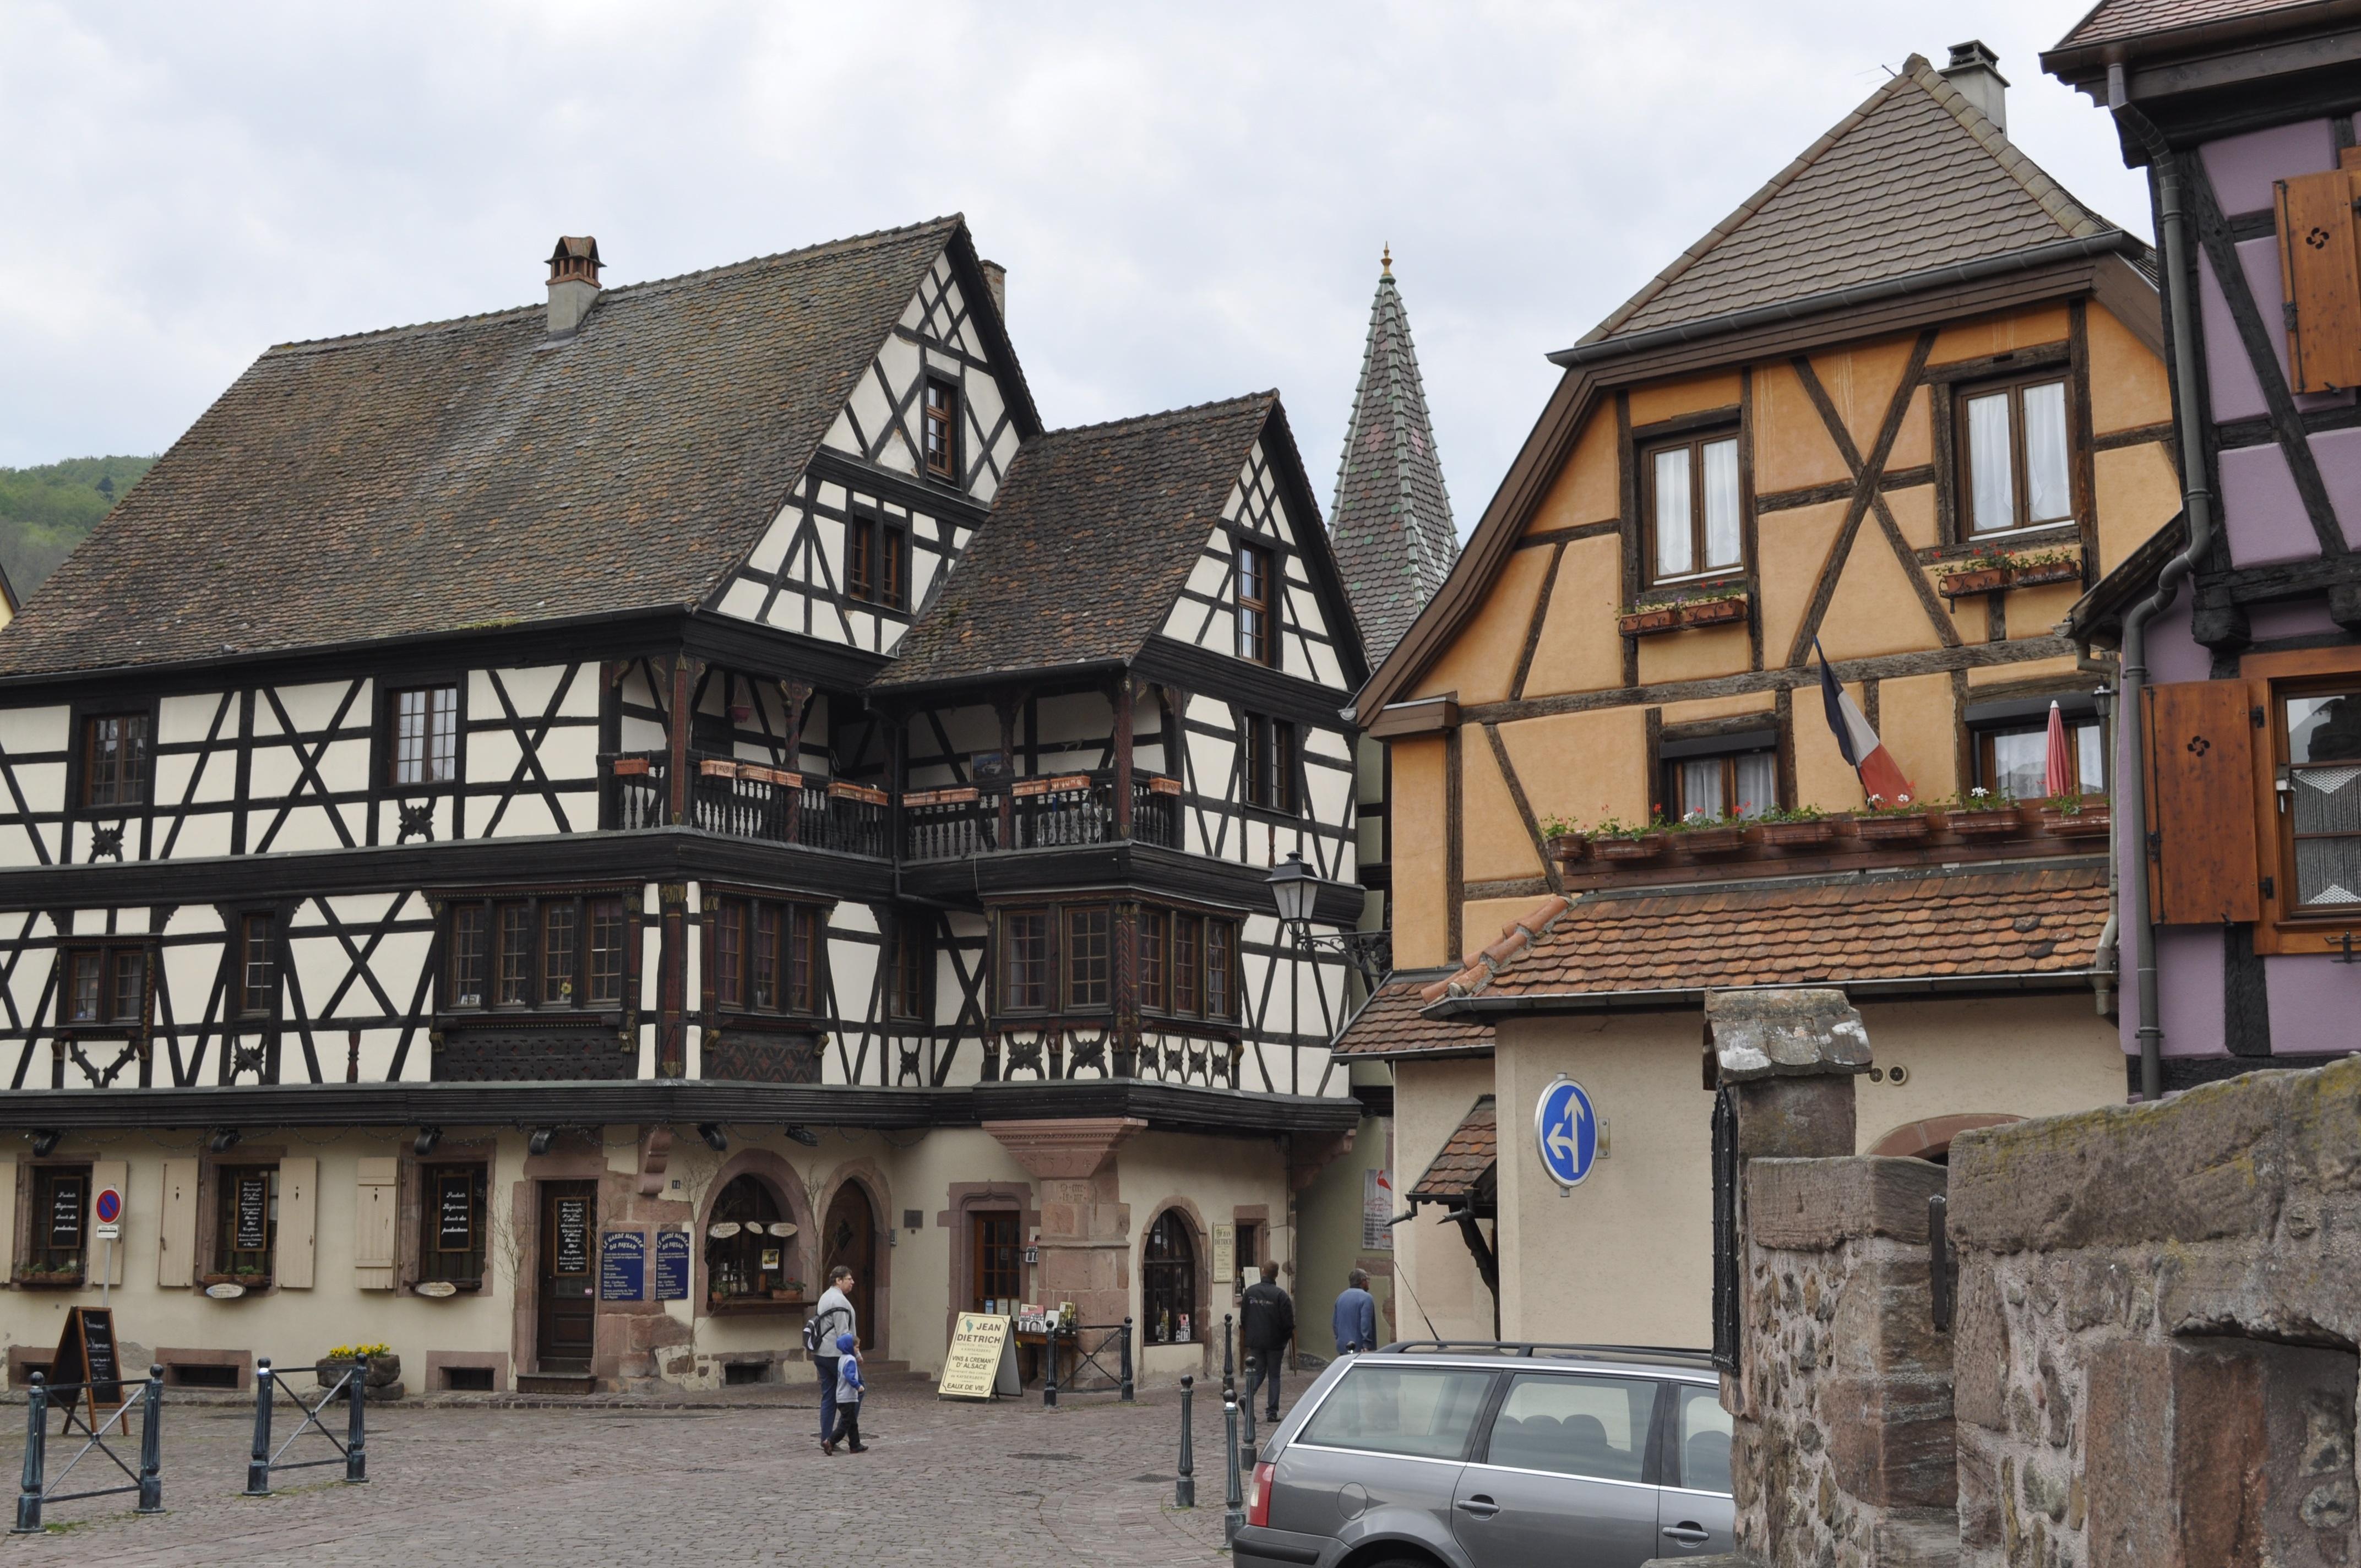 casa pueblo edificio casa pueblo suburbio cabaa fachada propiedad suiza inmuebles chalet barrio barrio residencial kaysersberg